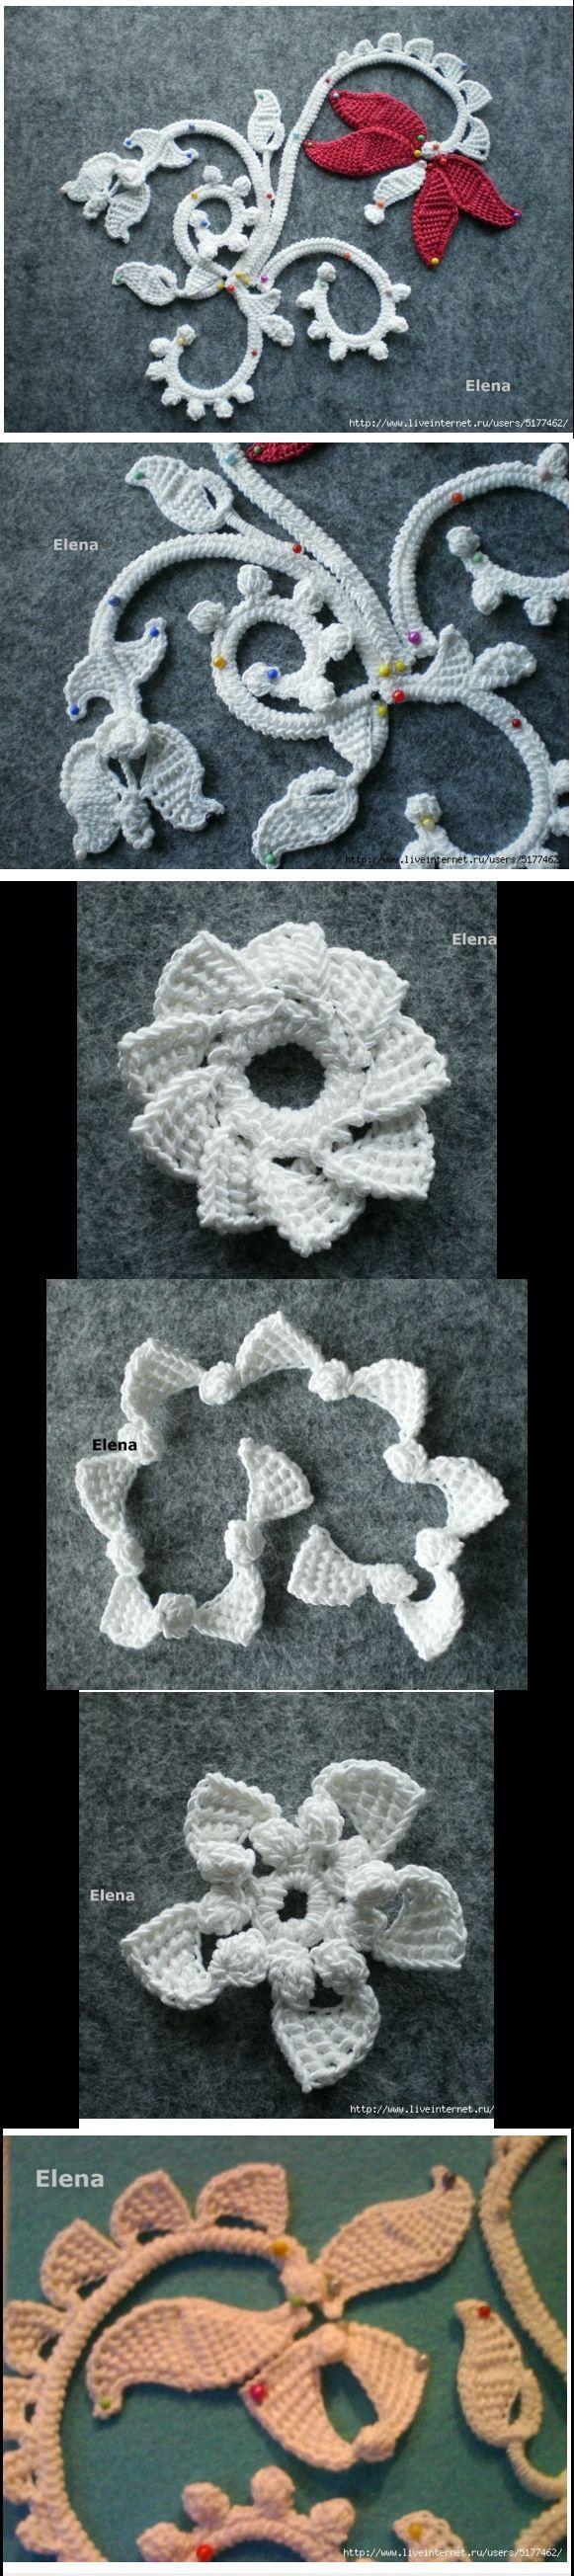 Irish crochet....<3 Deniz <3